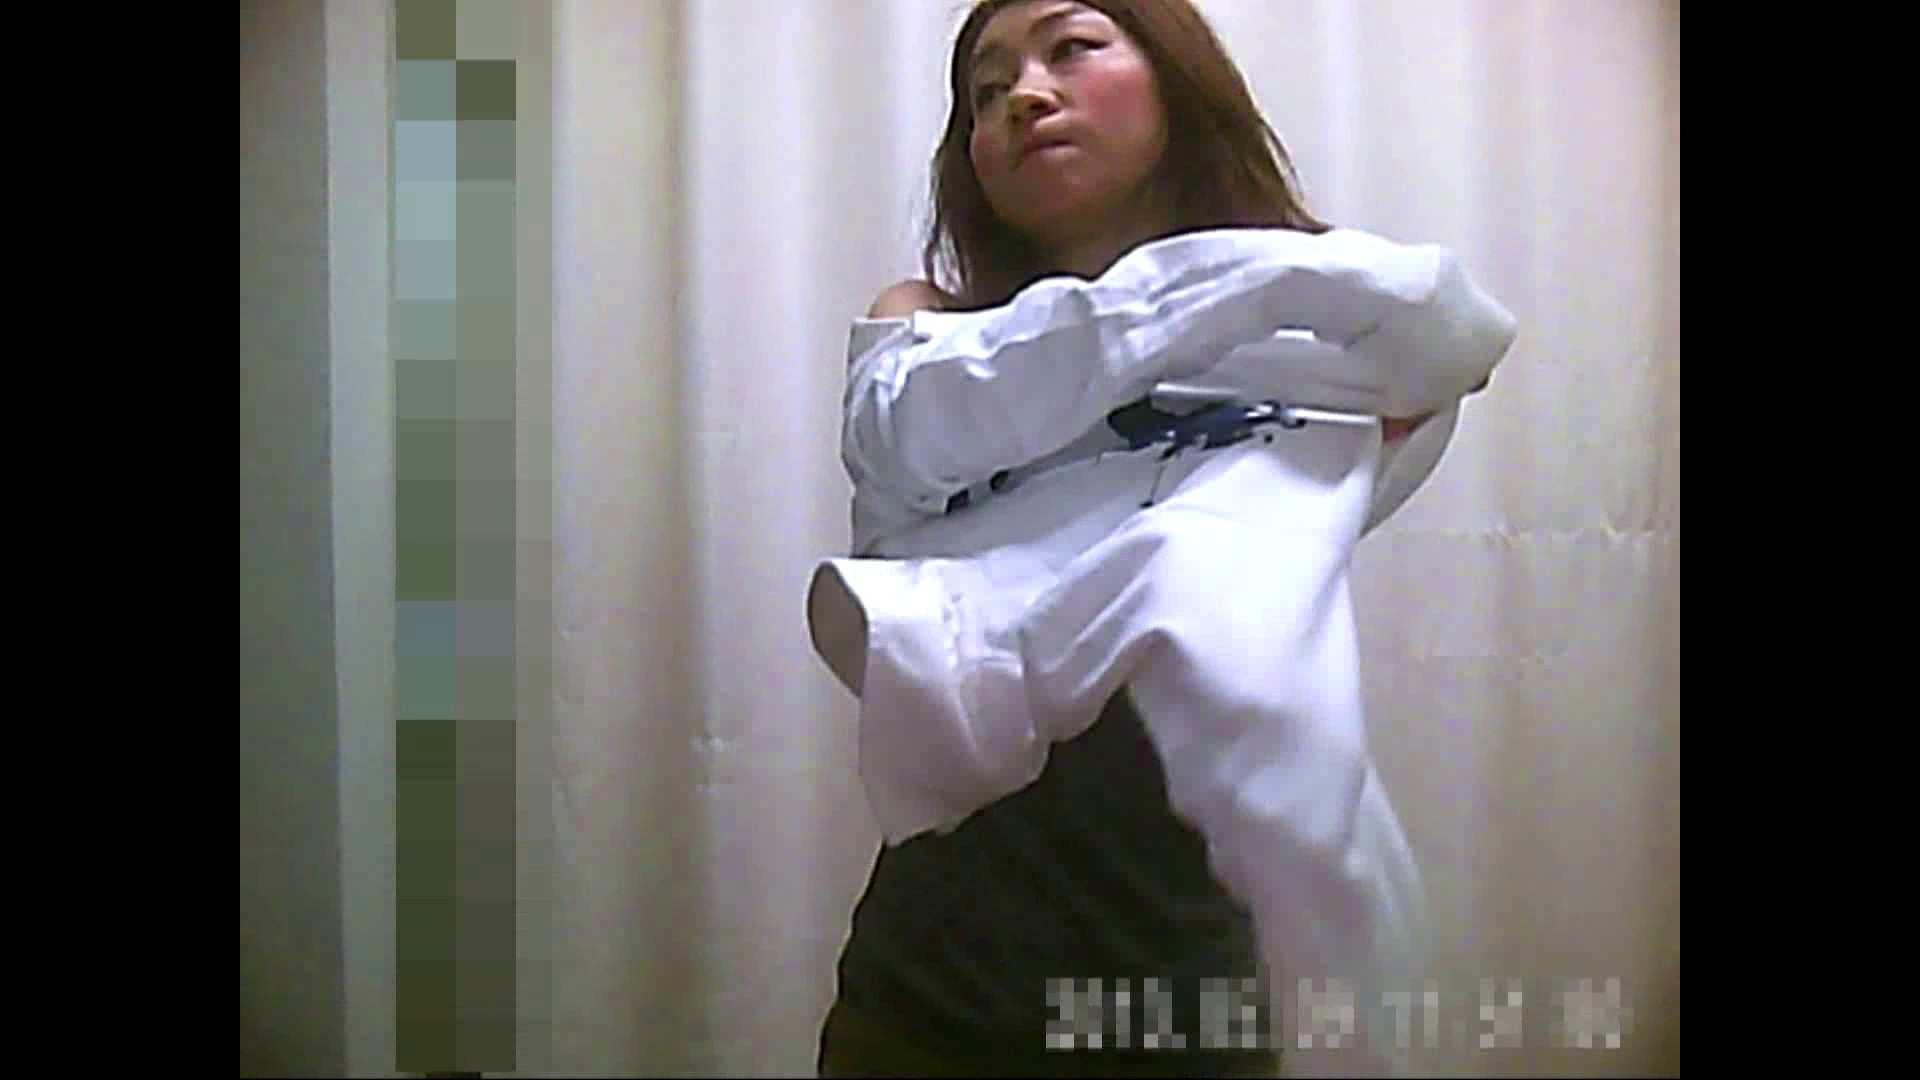 病院おもいっきり着替え! vol.209 乳首ポロリ 盗撮アダルト動画キャプチャ 86画像 82